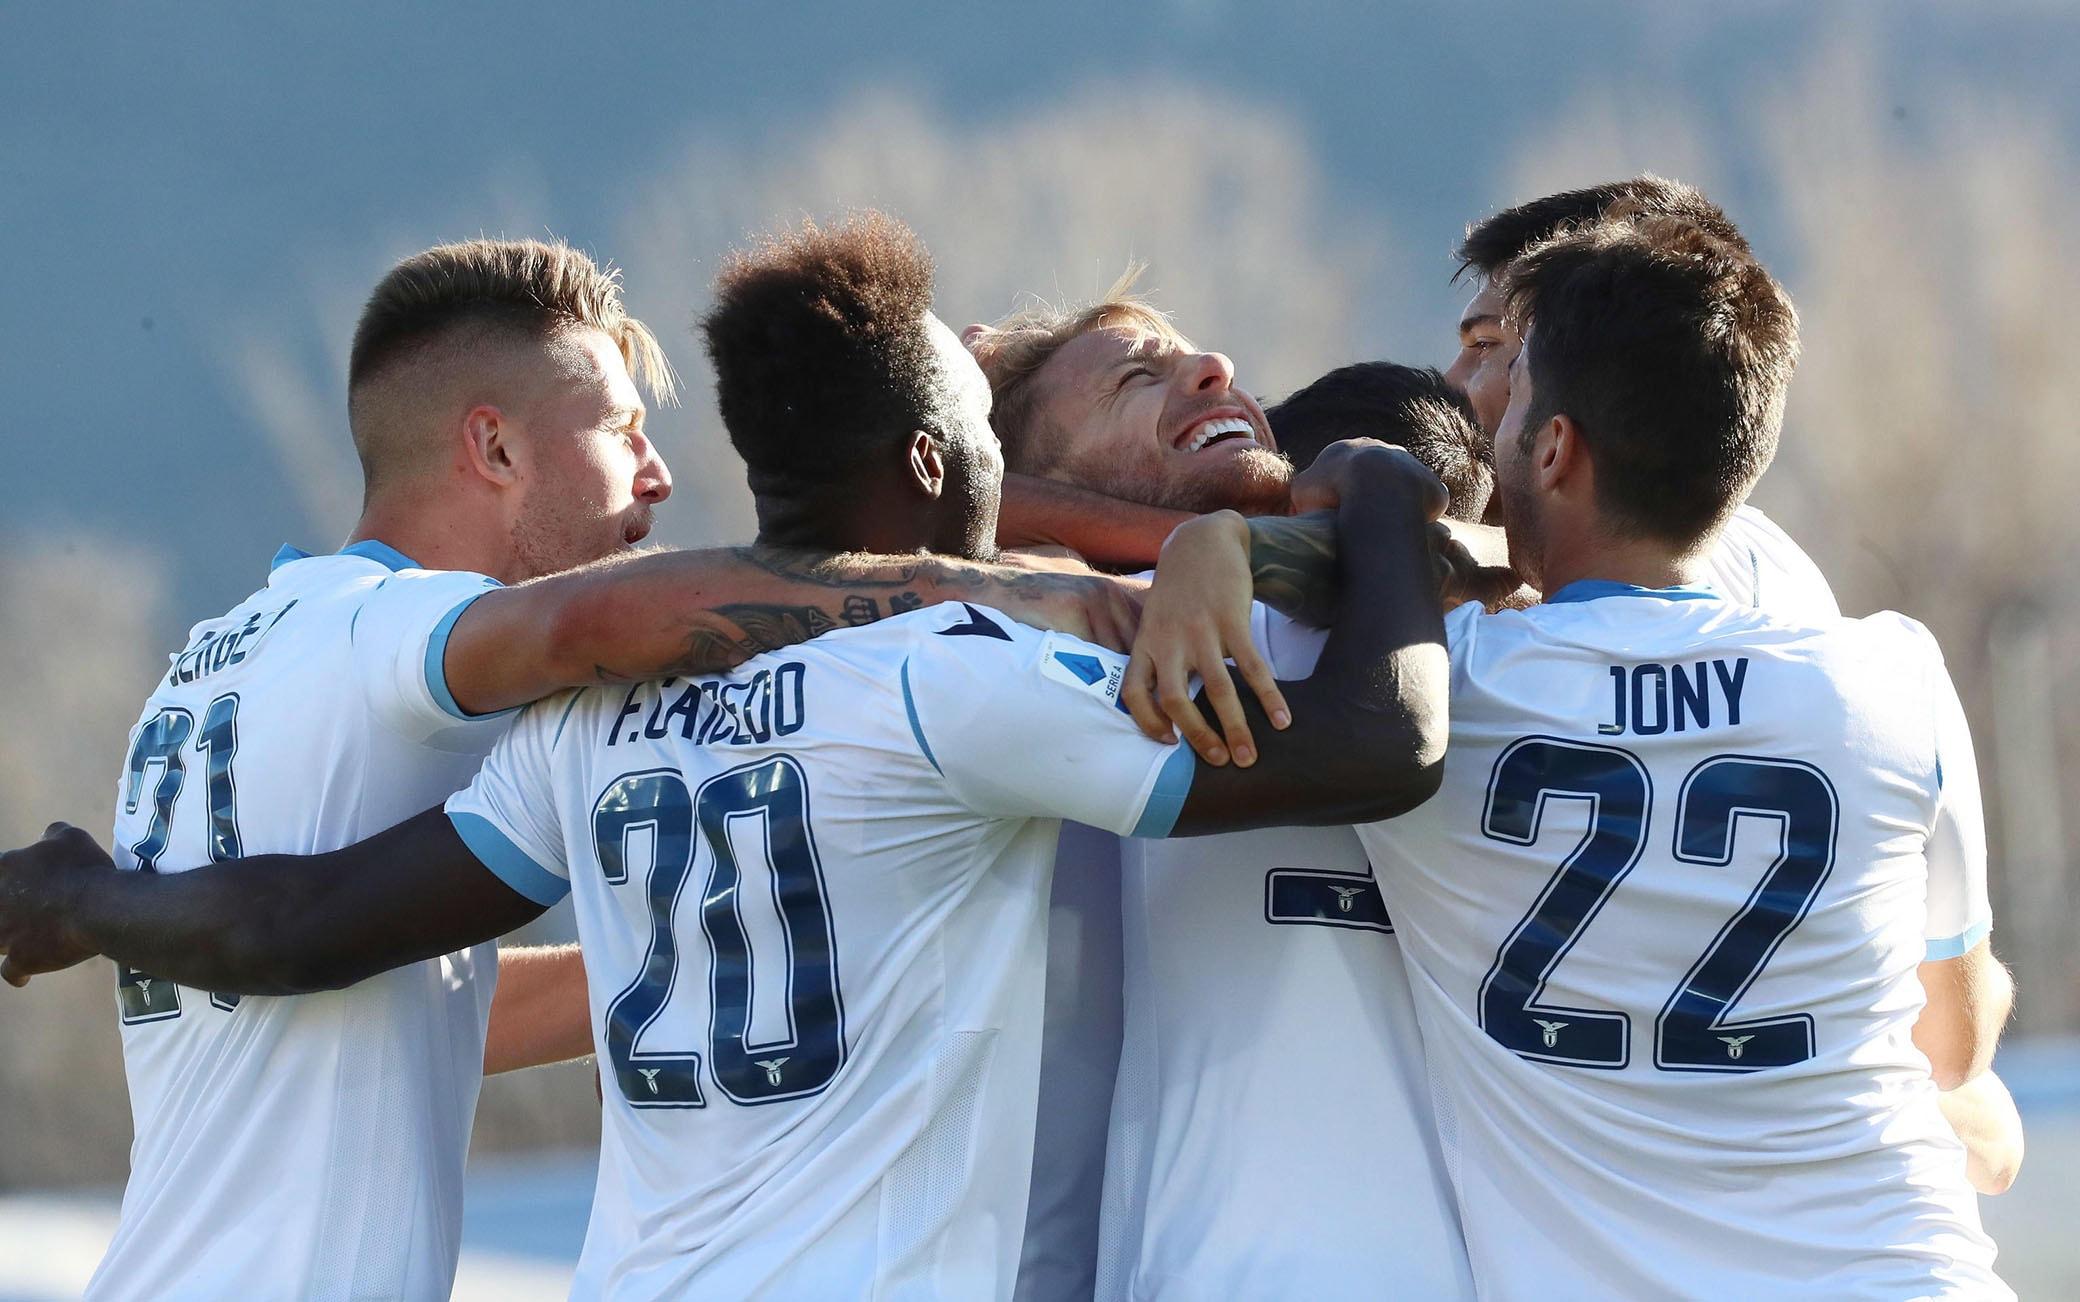 Non si ferma più la Lazio di Inzaghi e Immobile